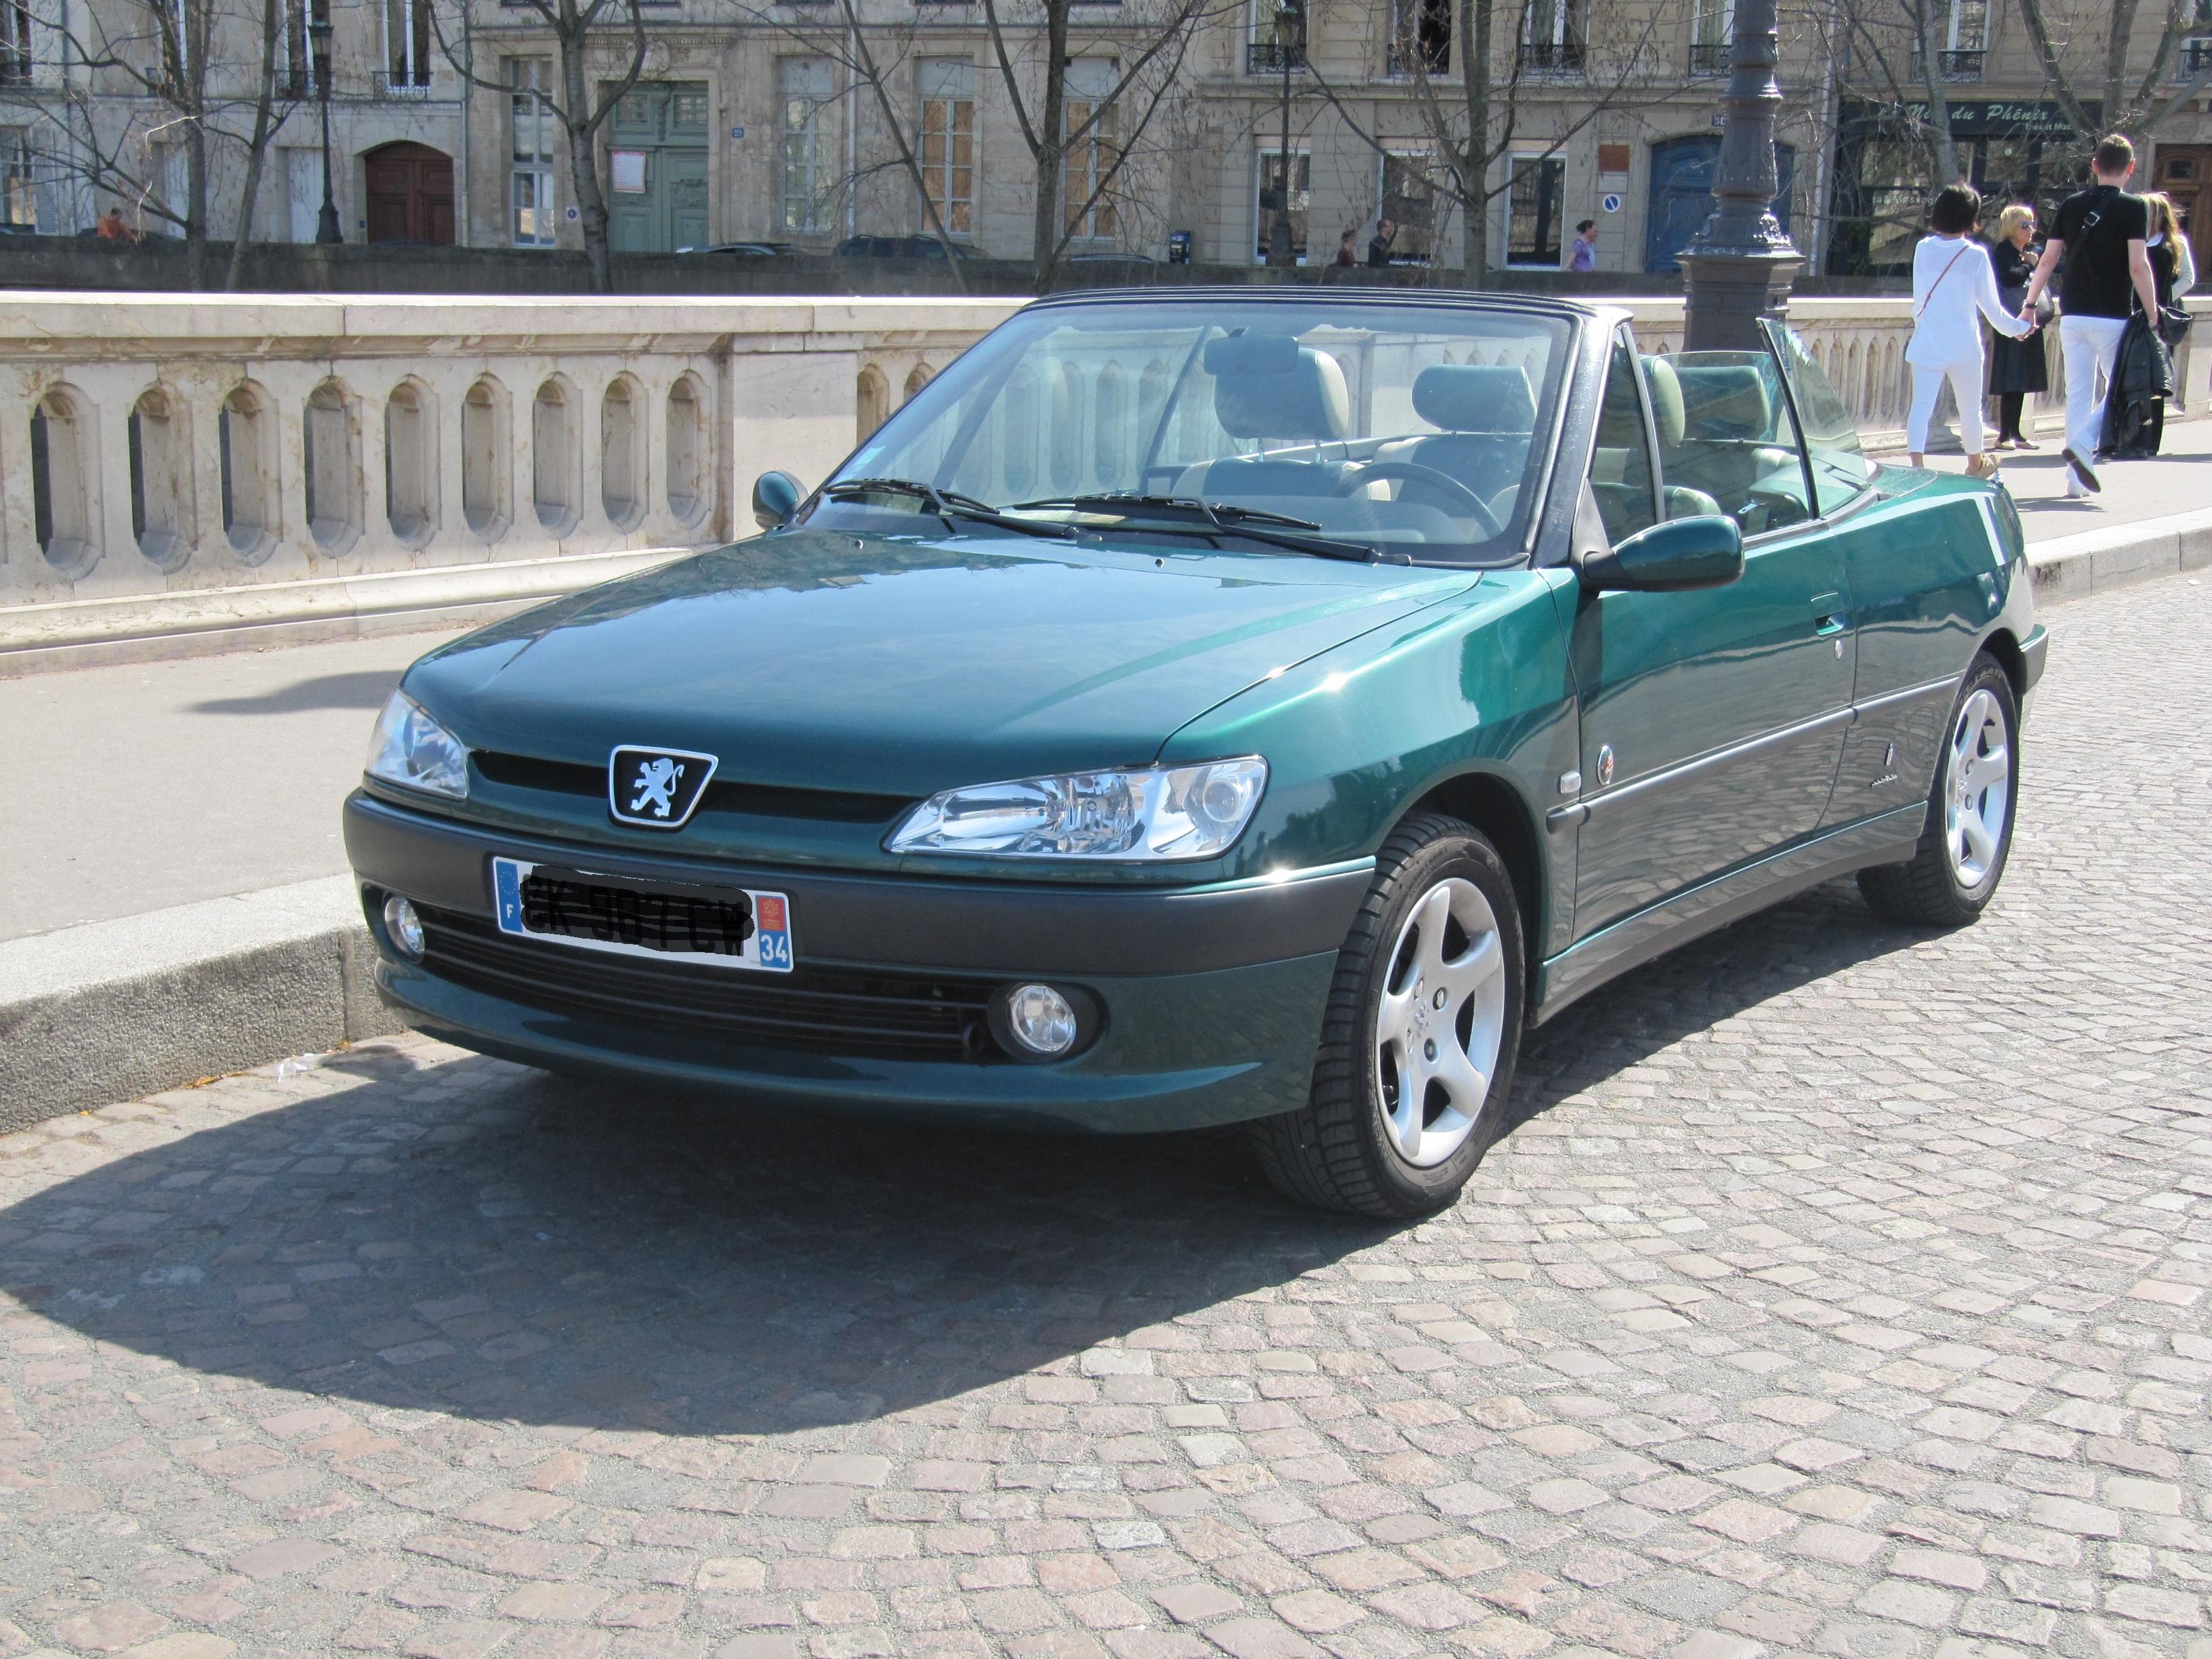 fichier peugeot 306 cabriolet roland garros 2001 jpg wikip dia. Black Bedroom Furniture Sets. Home Design Ideas